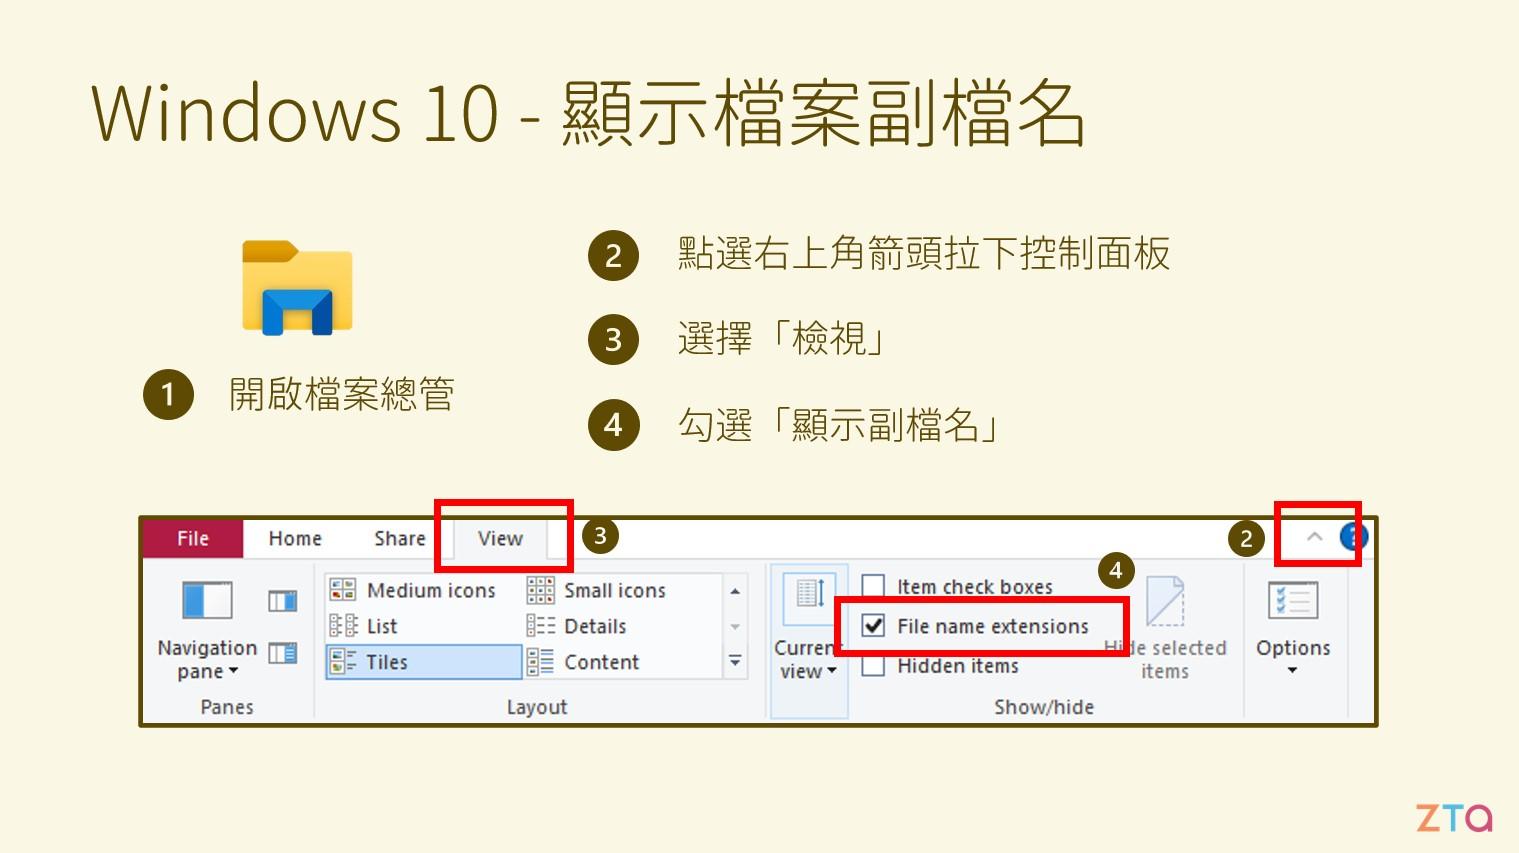 顯示副檔名 Windows10 資訊科學 檔案總管